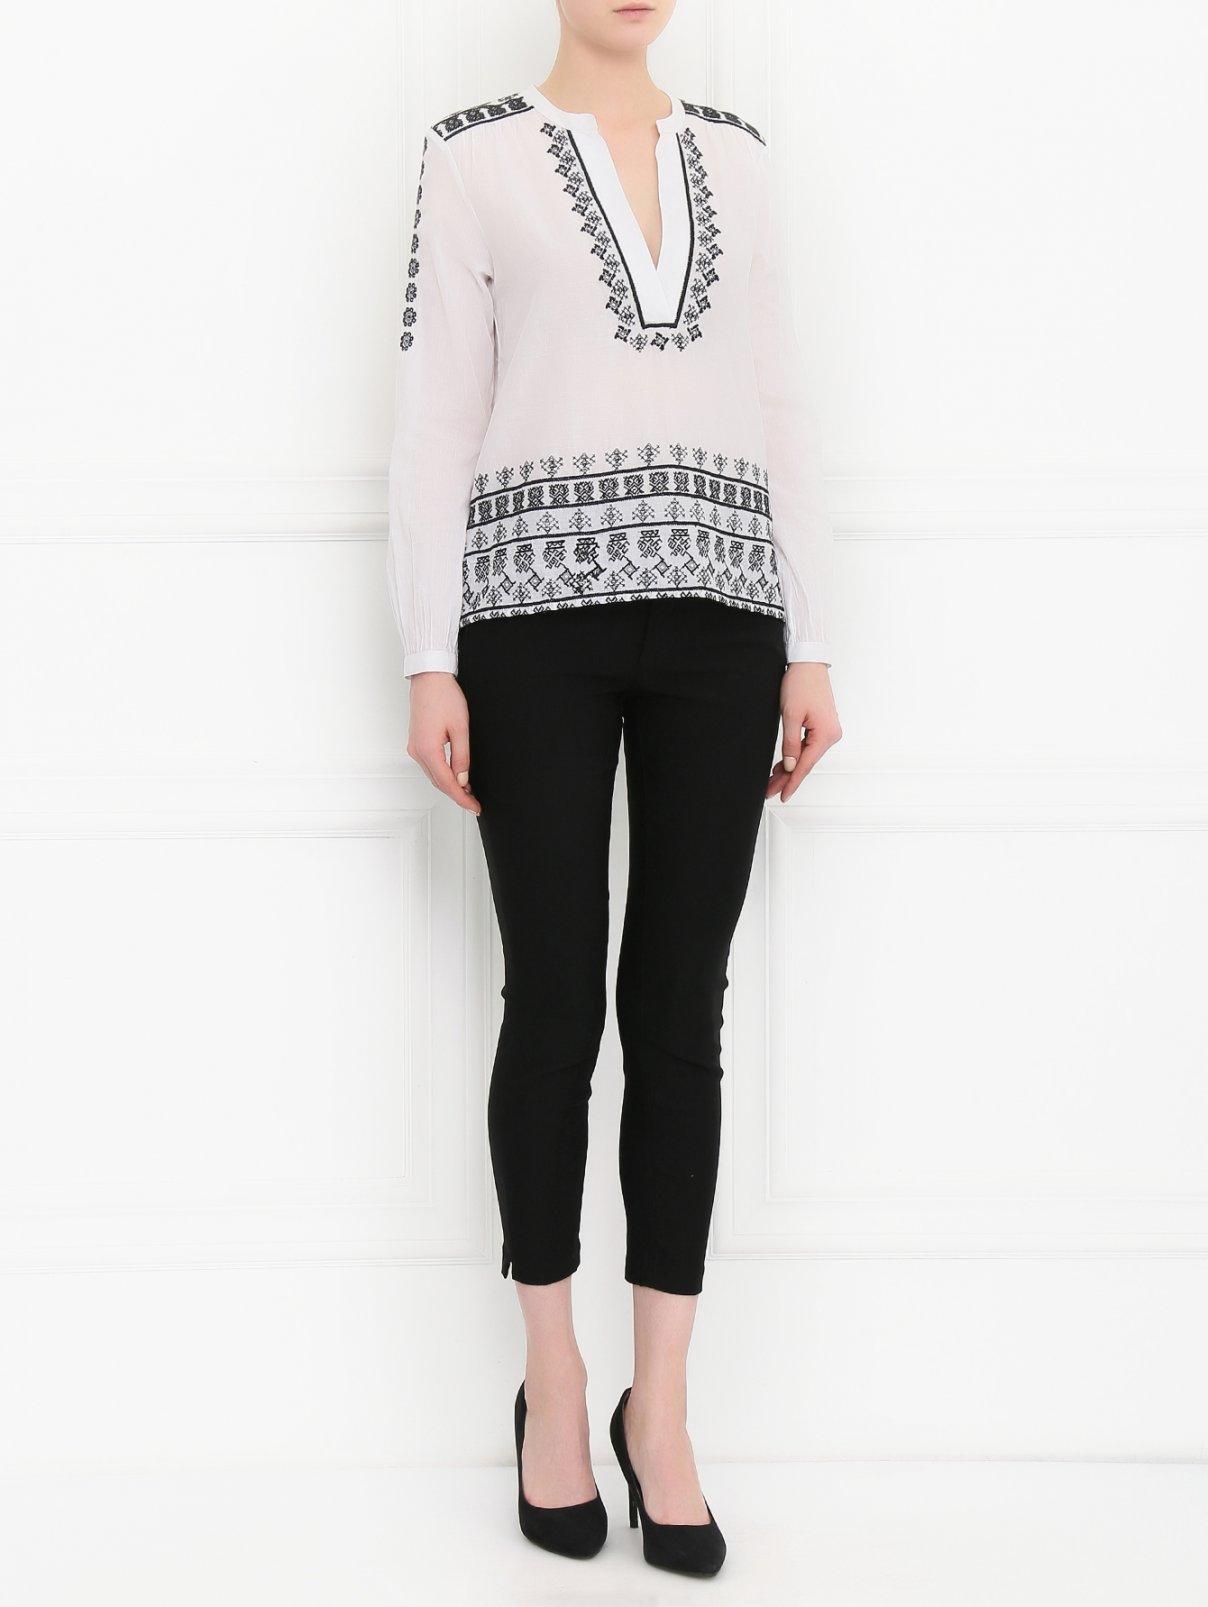 Рубашка из хлопка декорированная вышивкой Rich & Royal  –  Модель Общий вид  – Цвет:  Белый